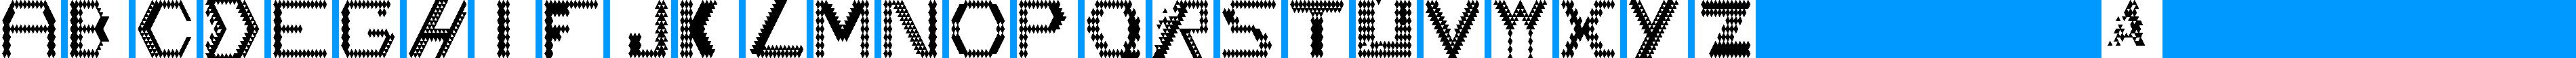 Particip-a-type v.168